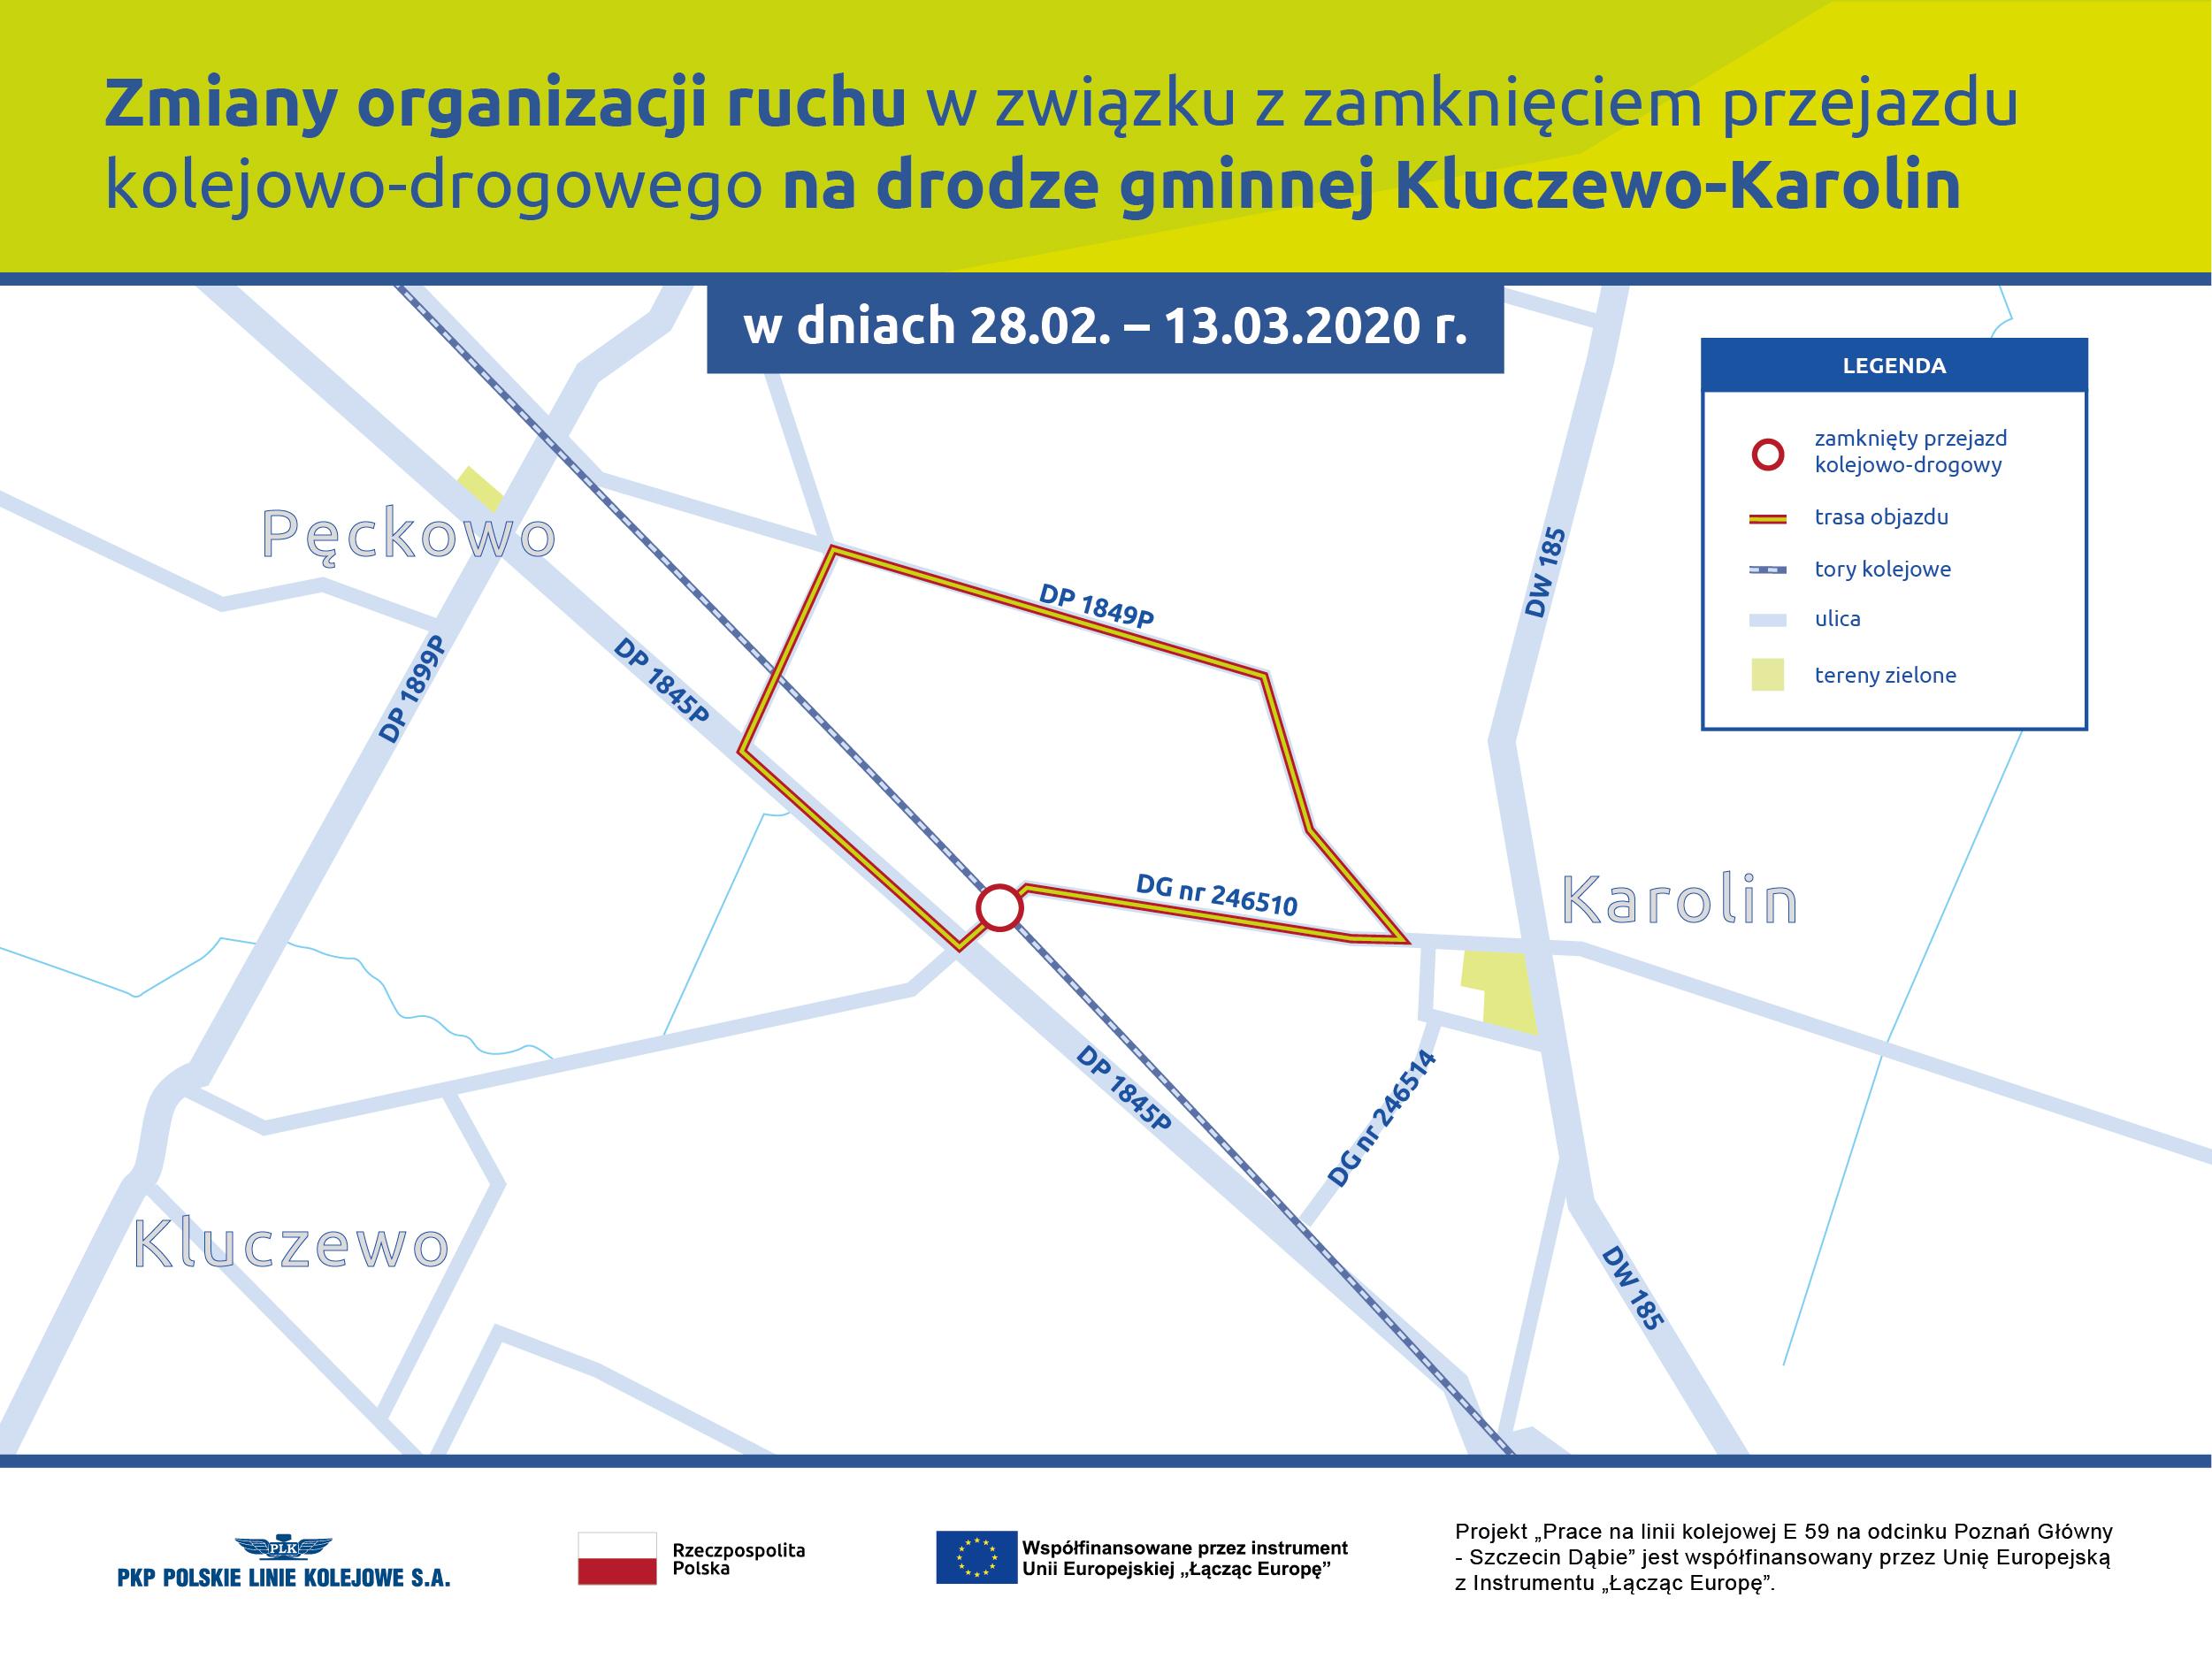 Infografika przedstawiająca mapę ze zmianą organizacji ruchu w związku z zamknięciem przejazdu kolejowo-drogowego na drodze gminnej Kluczewo-Karolin